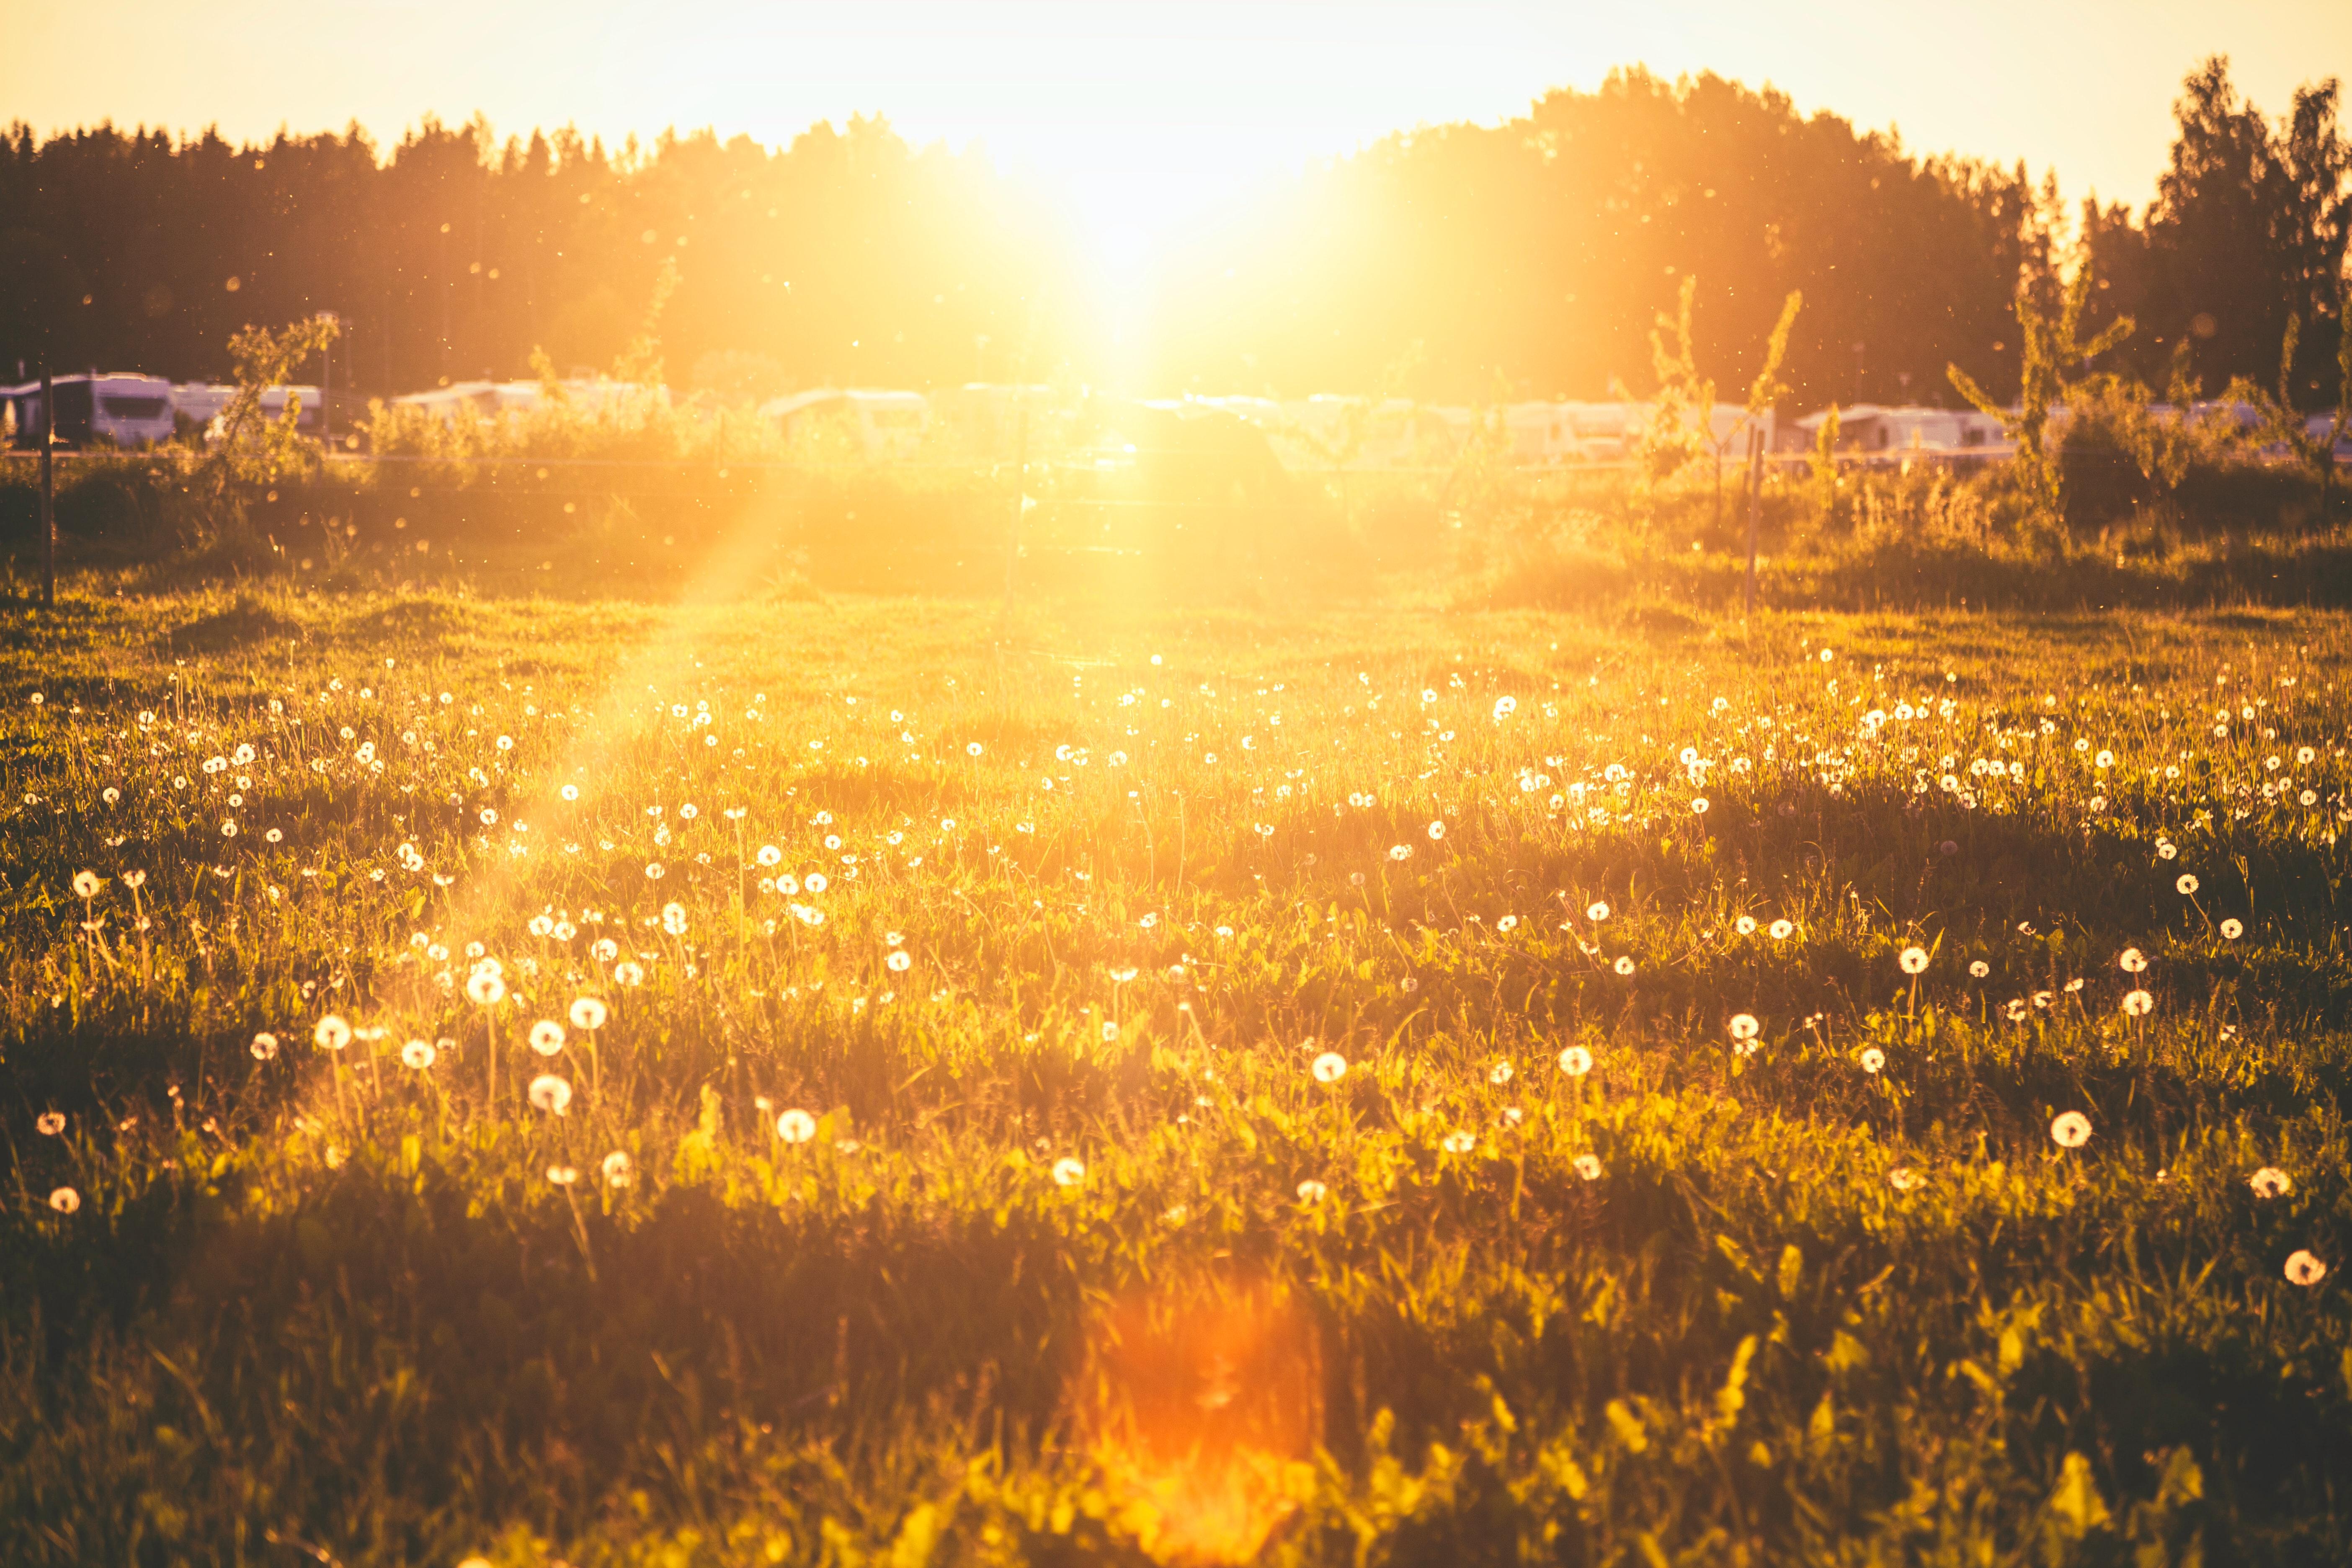 日焼け対策の効果的な方法は?紫外線から肌を守るアイテムや人気グッズを紹介!